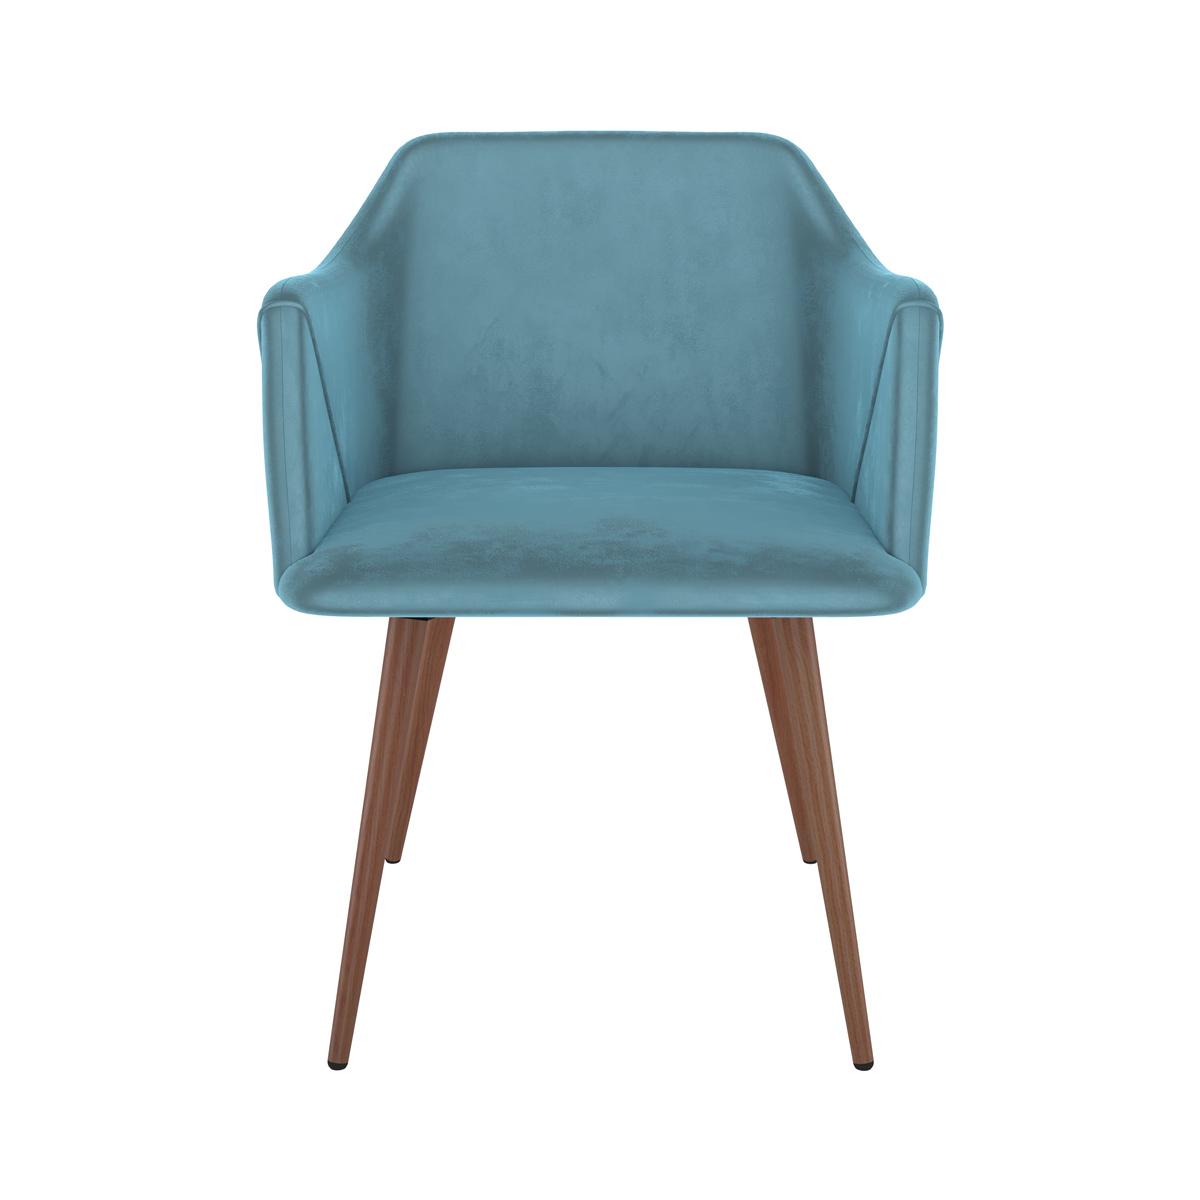 Chaise avec accoudoirs en velours bleu (lot de 2)